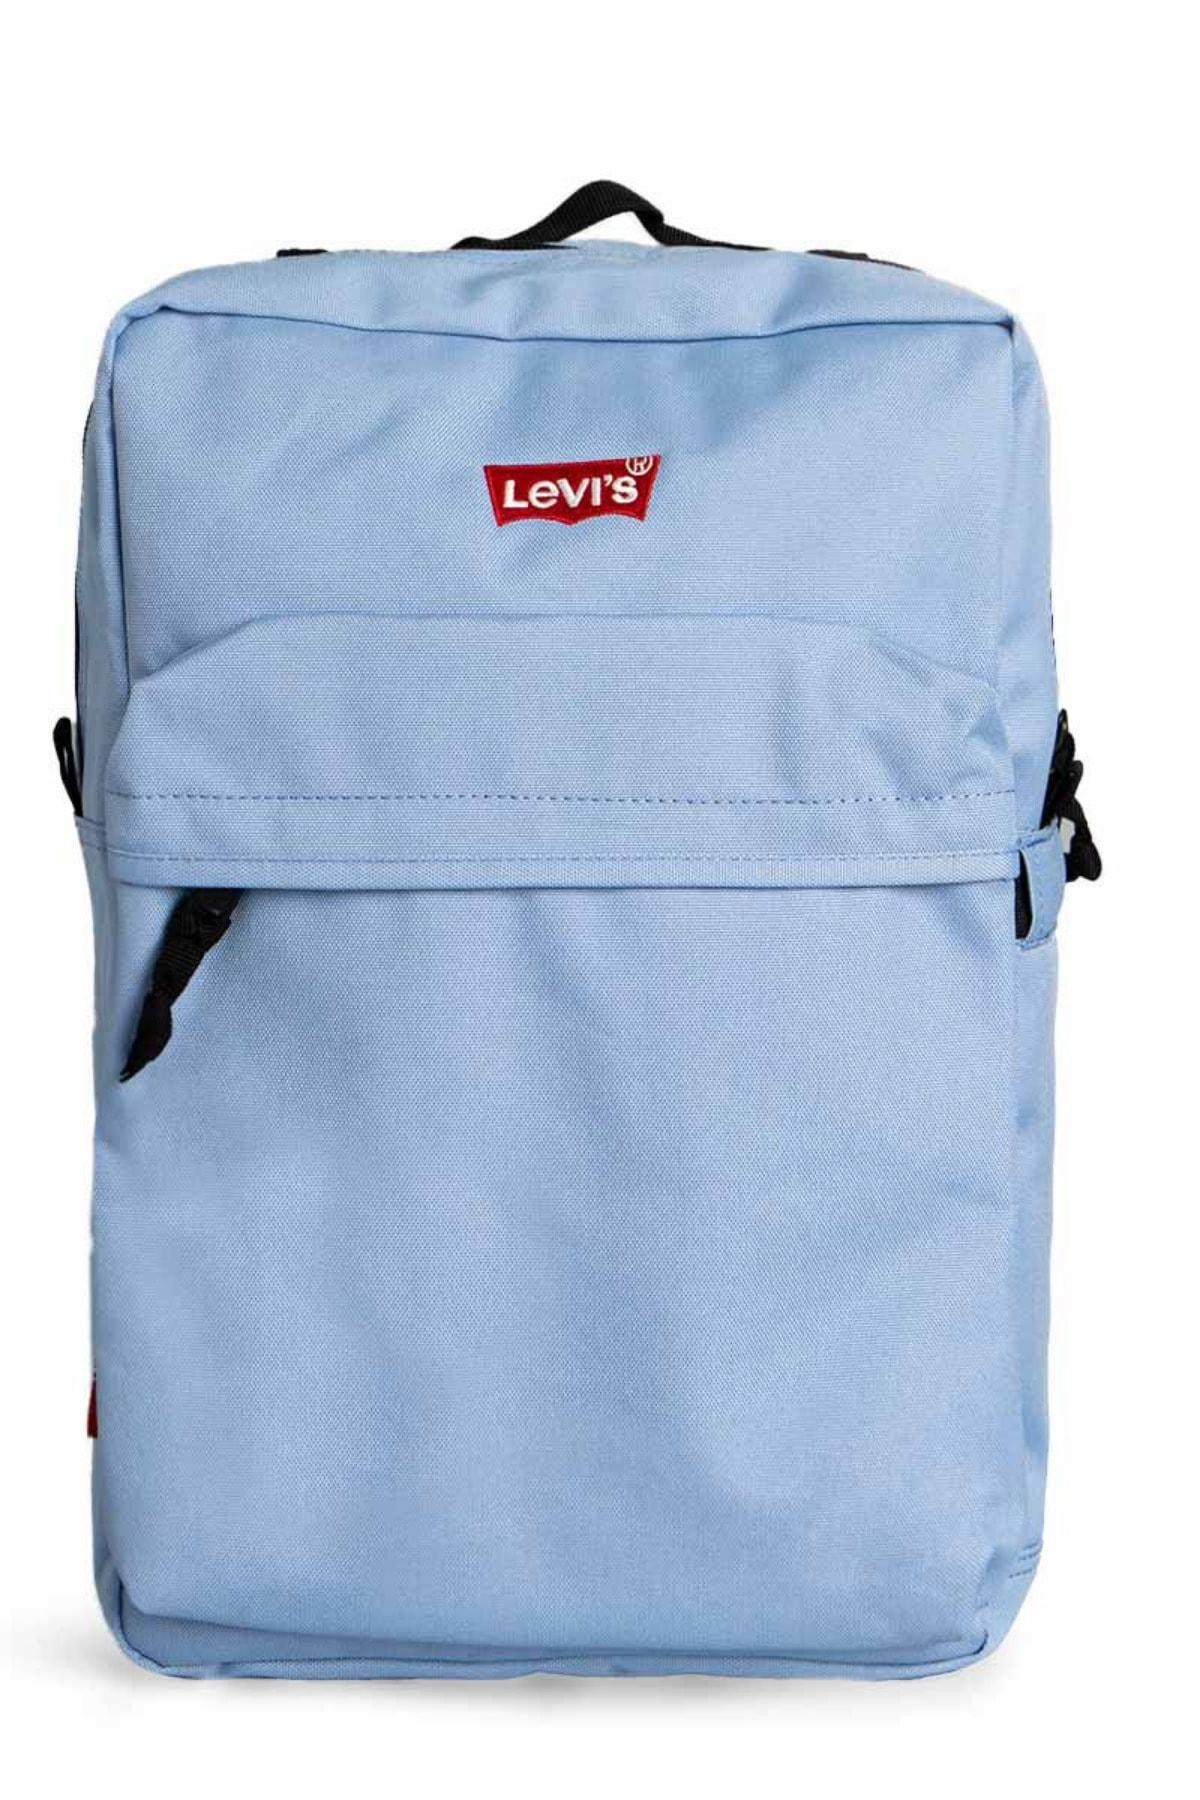 Levi's Standart Kalıp Sky Blue Sırt Çantası 1